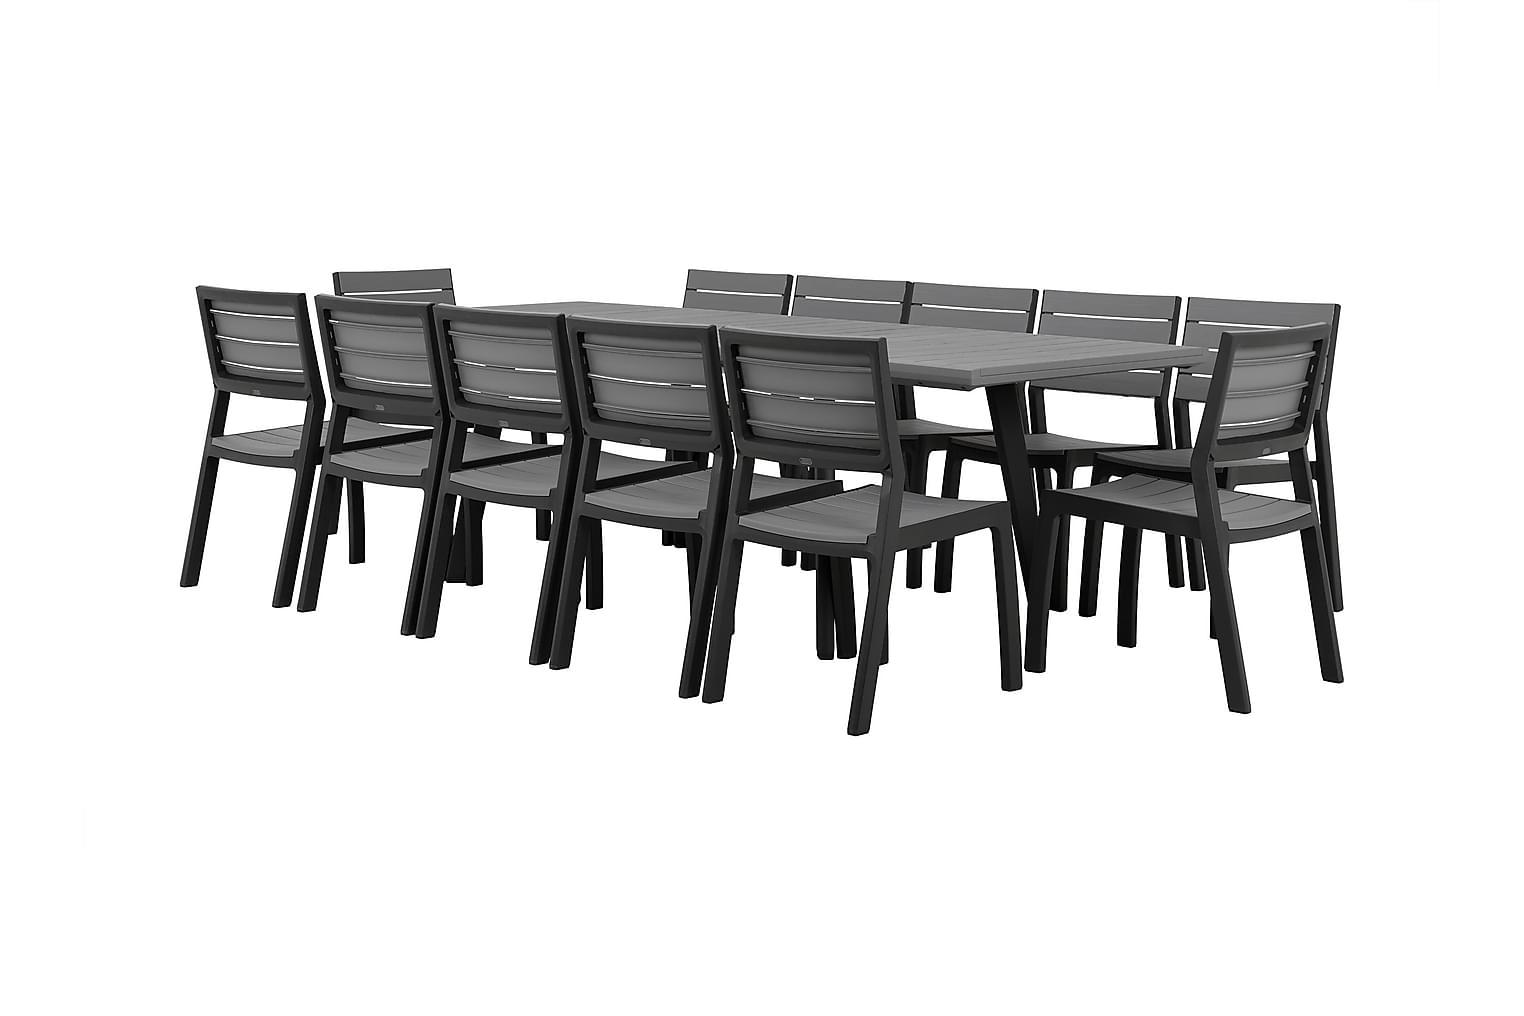 BILBAO Pöytä 162 + 12 Tuolia Harmaa/Musta